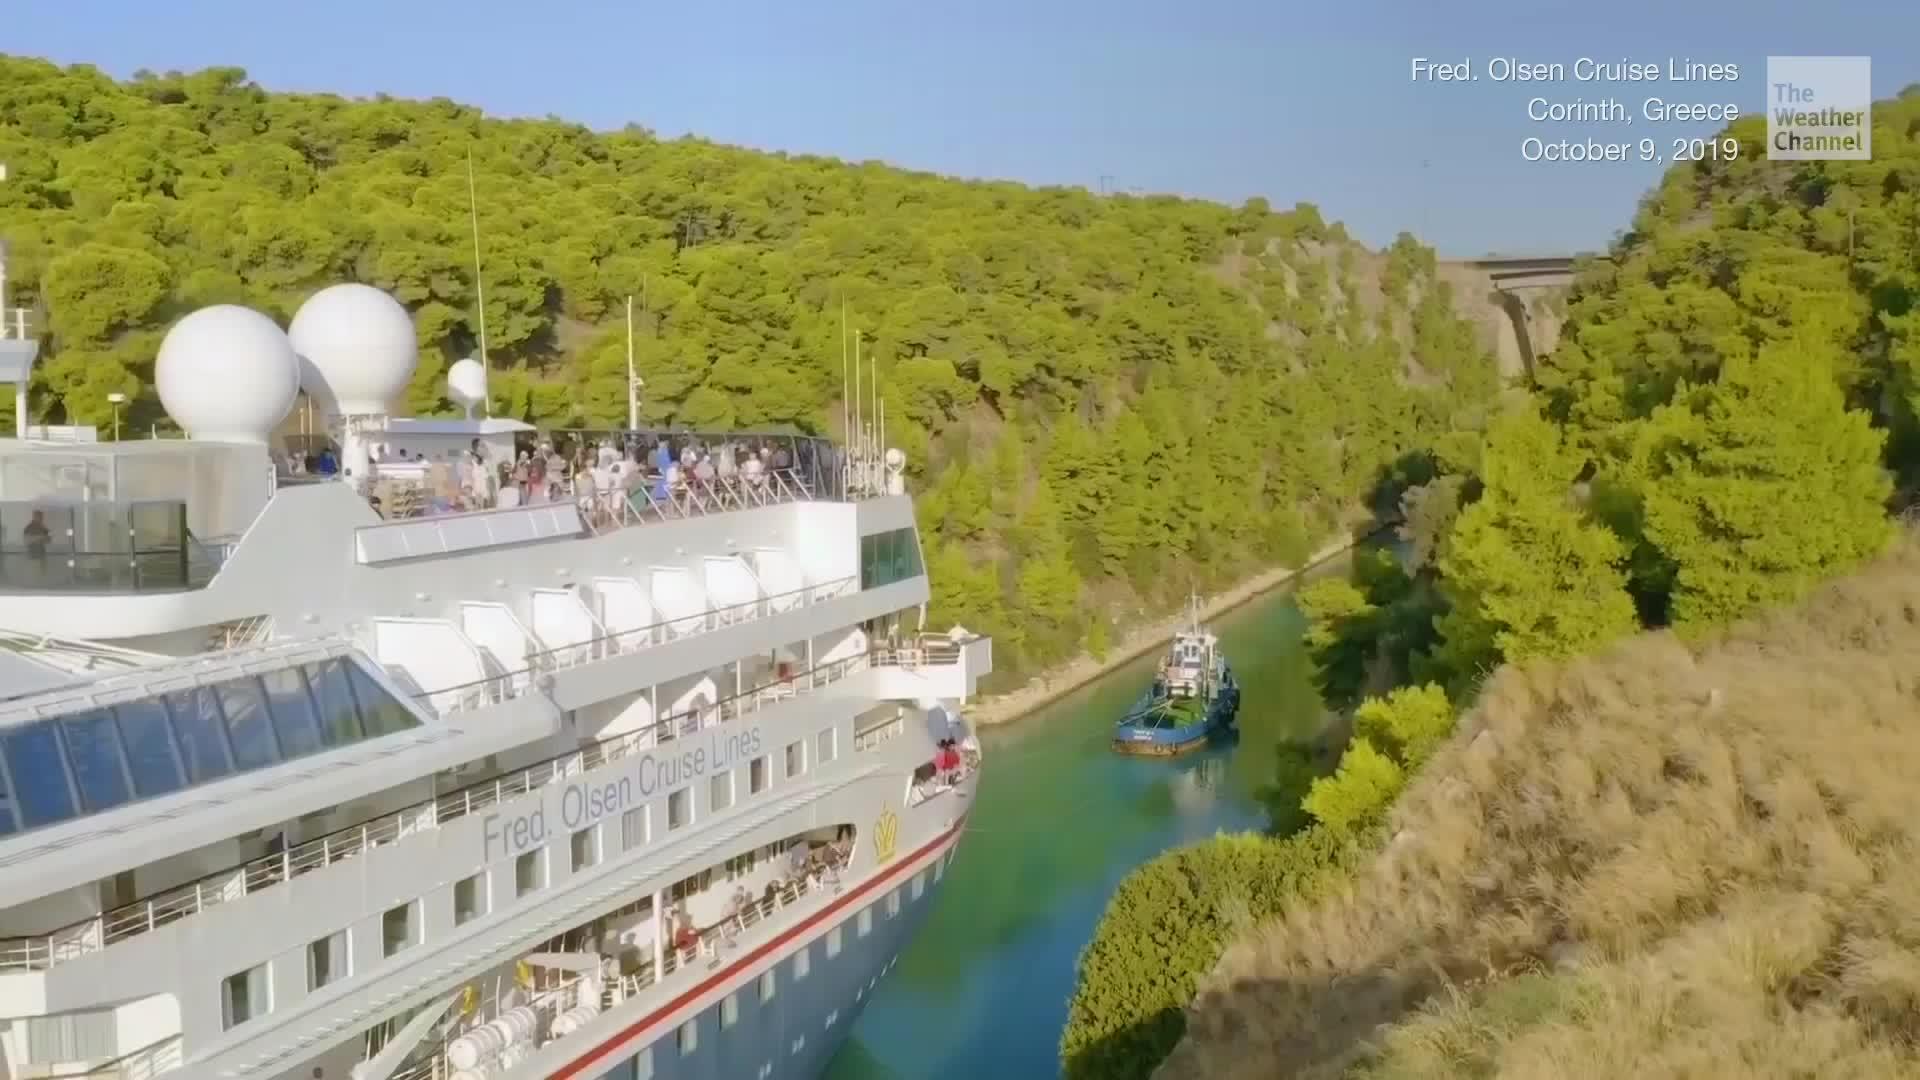 Un gigantesco crucero de la empresa Fred. Olsen cruise pasó por el estrecho Canal de Corinto de 4 millas de largo en Grecia en un viaje récord.